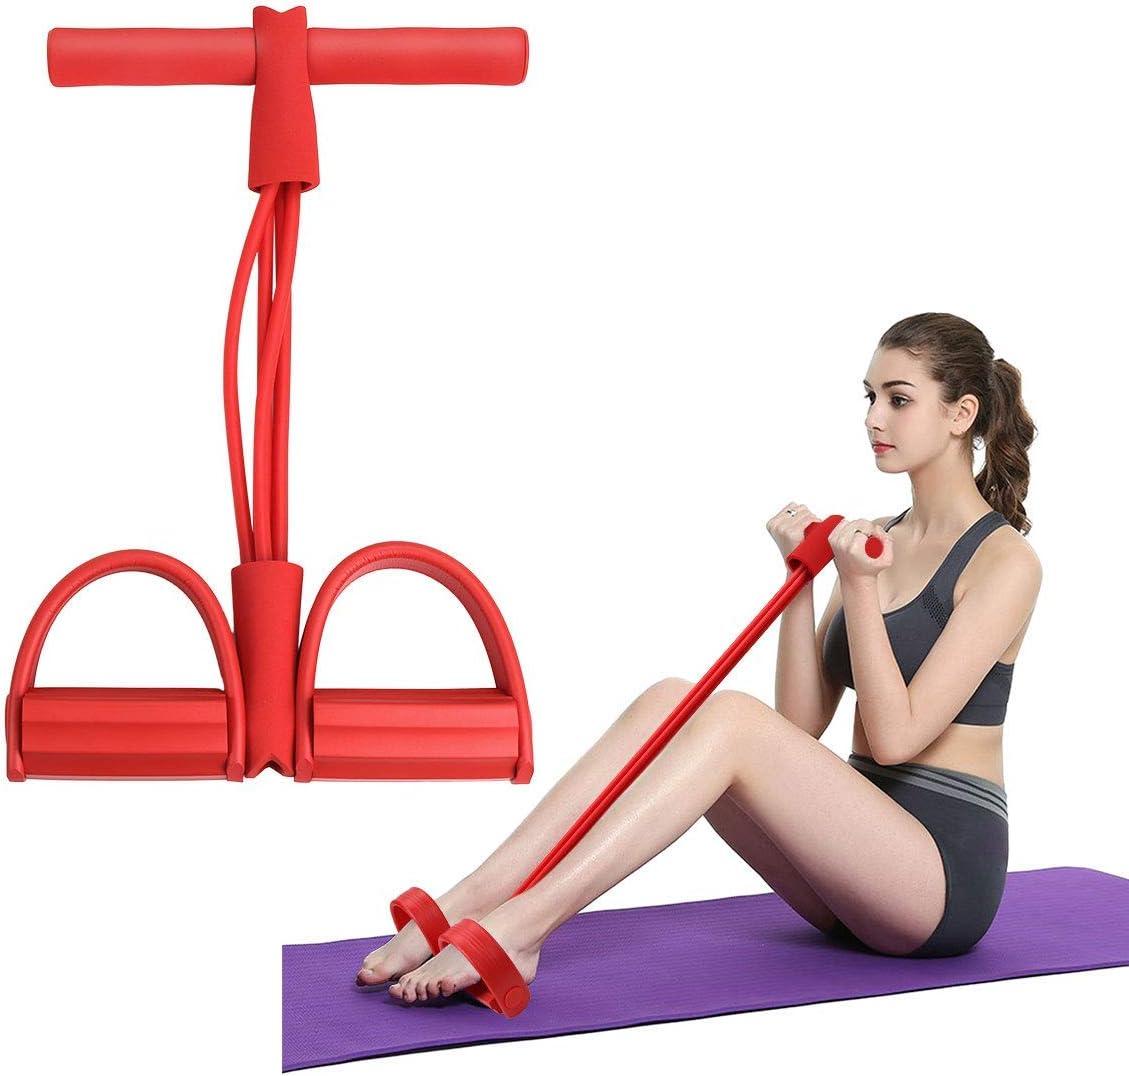 Estiramiento de piernas estiradas más jóvenes con Yoga Banda de Estiramiento Ai Yujia Lajin Asistente de aplicación de Yoga con Cuerda